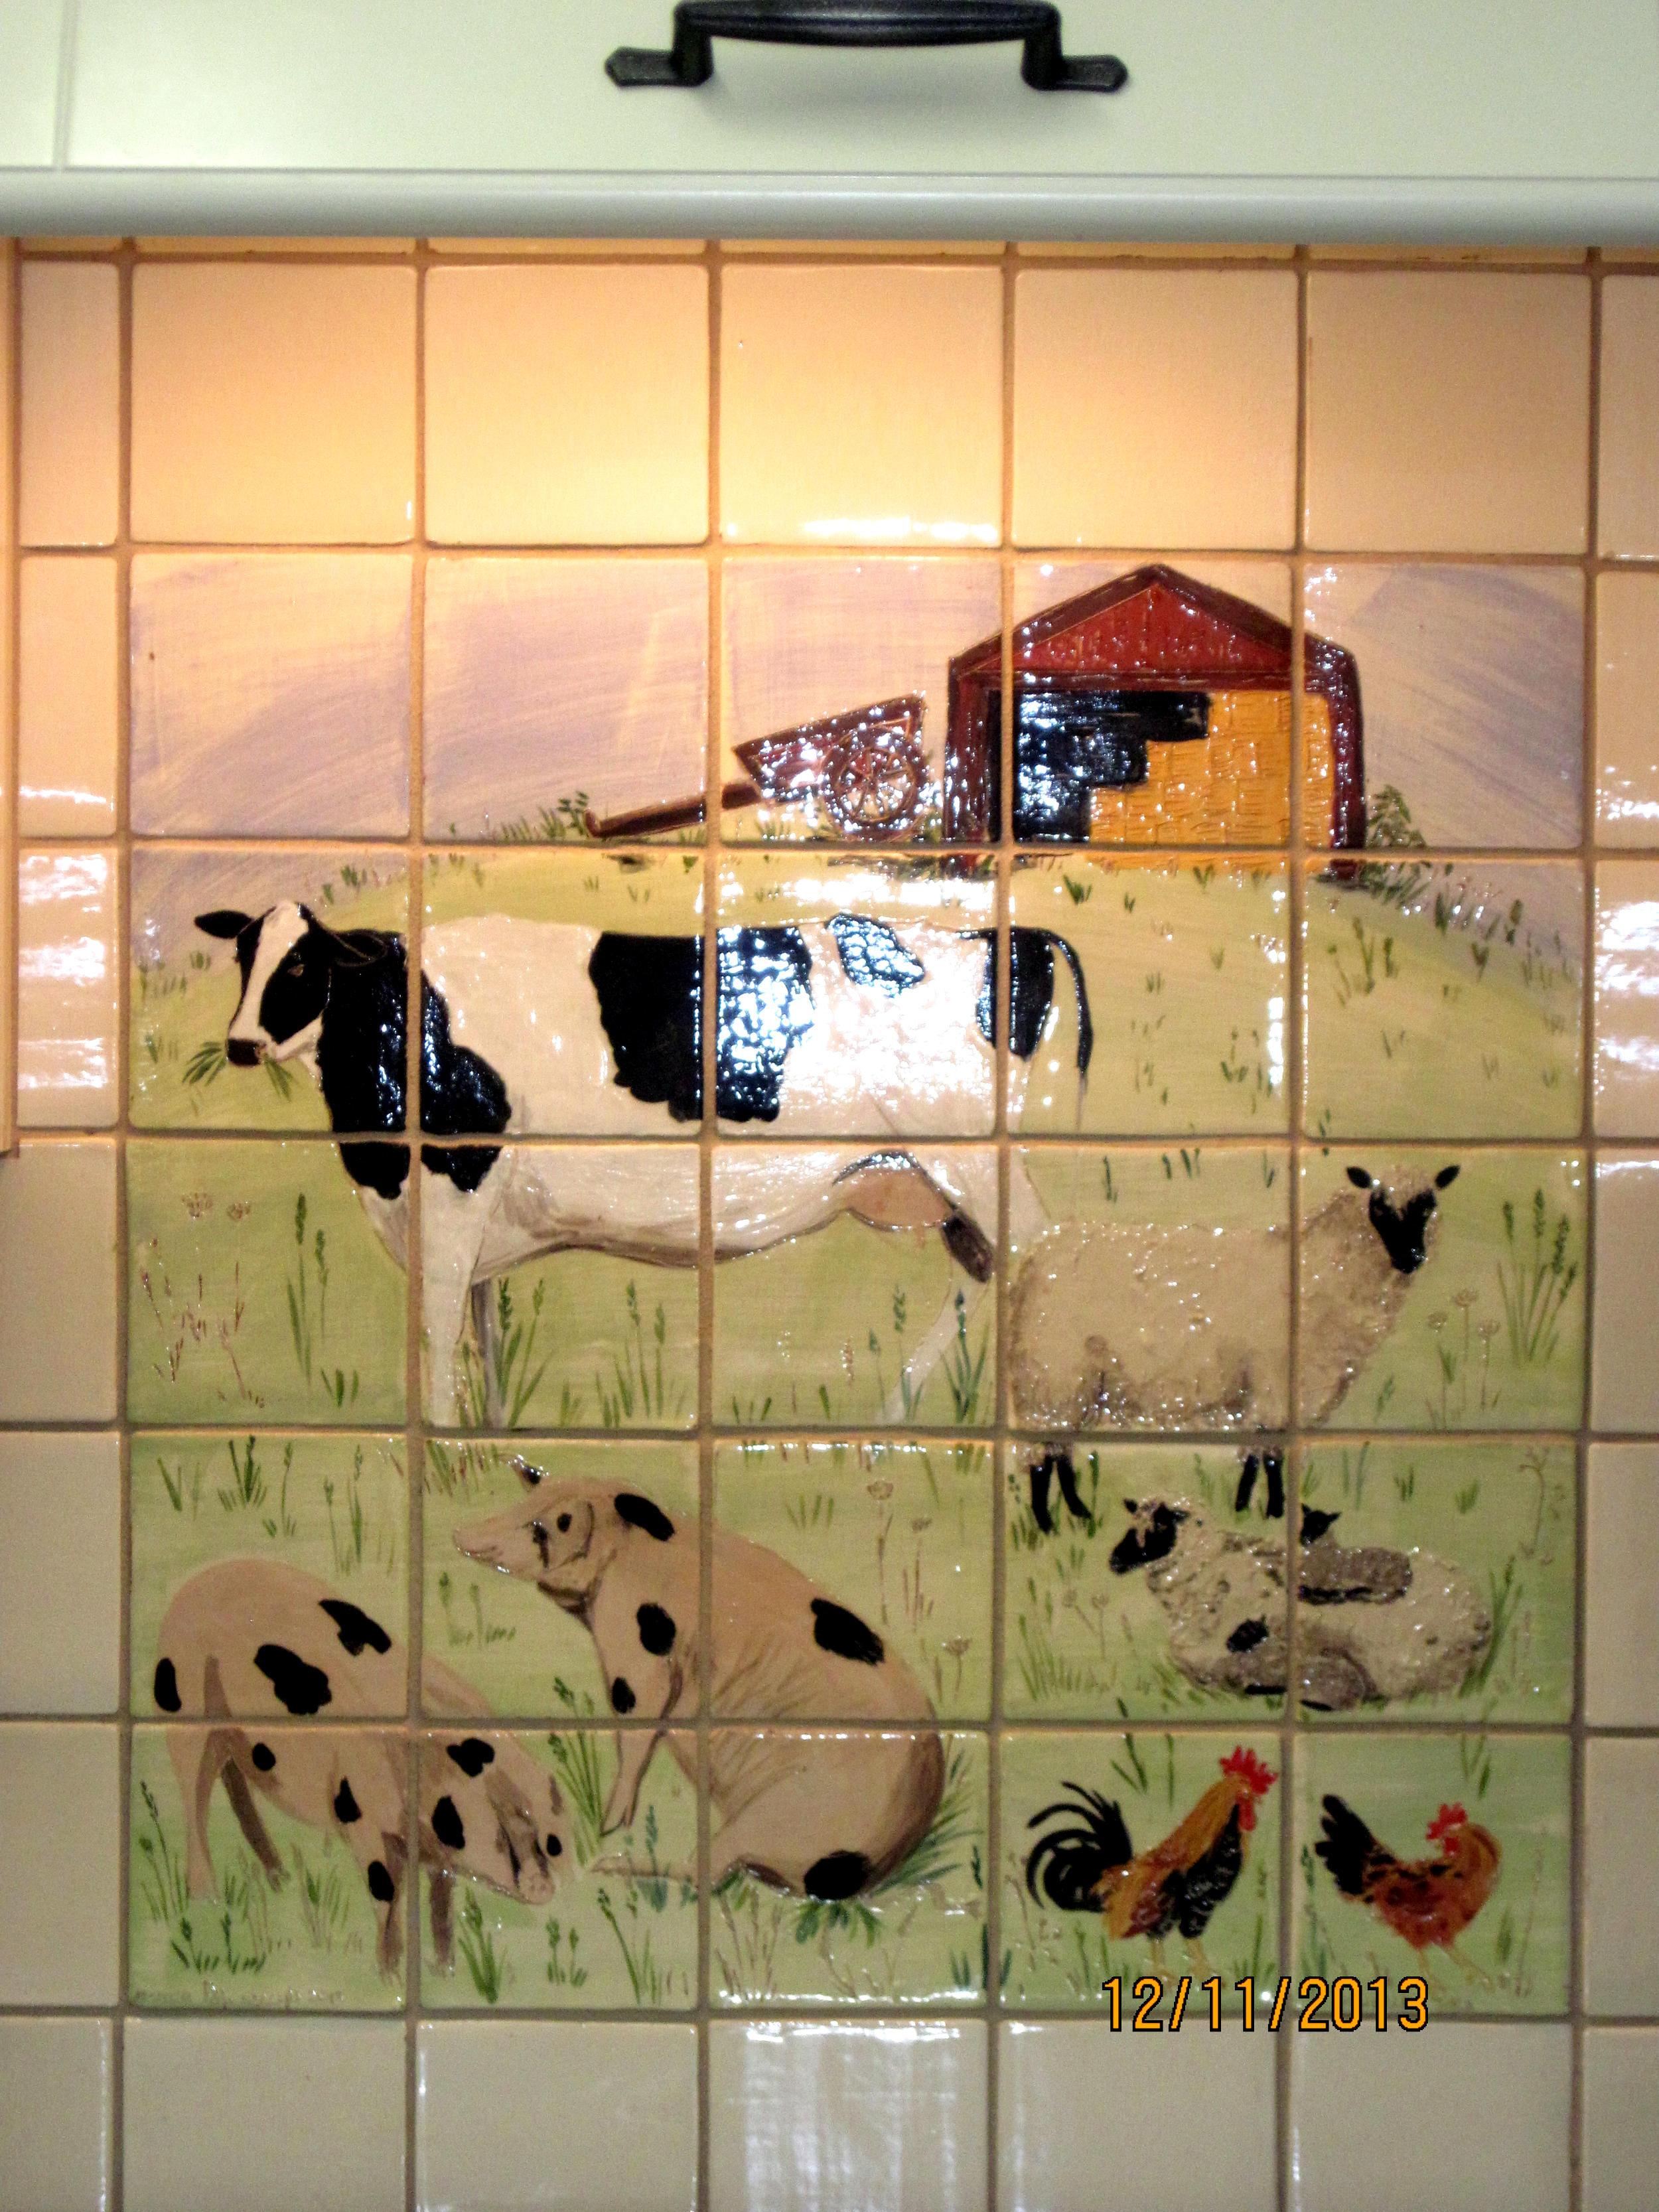 old-macdonald-had-a-farm.jpg